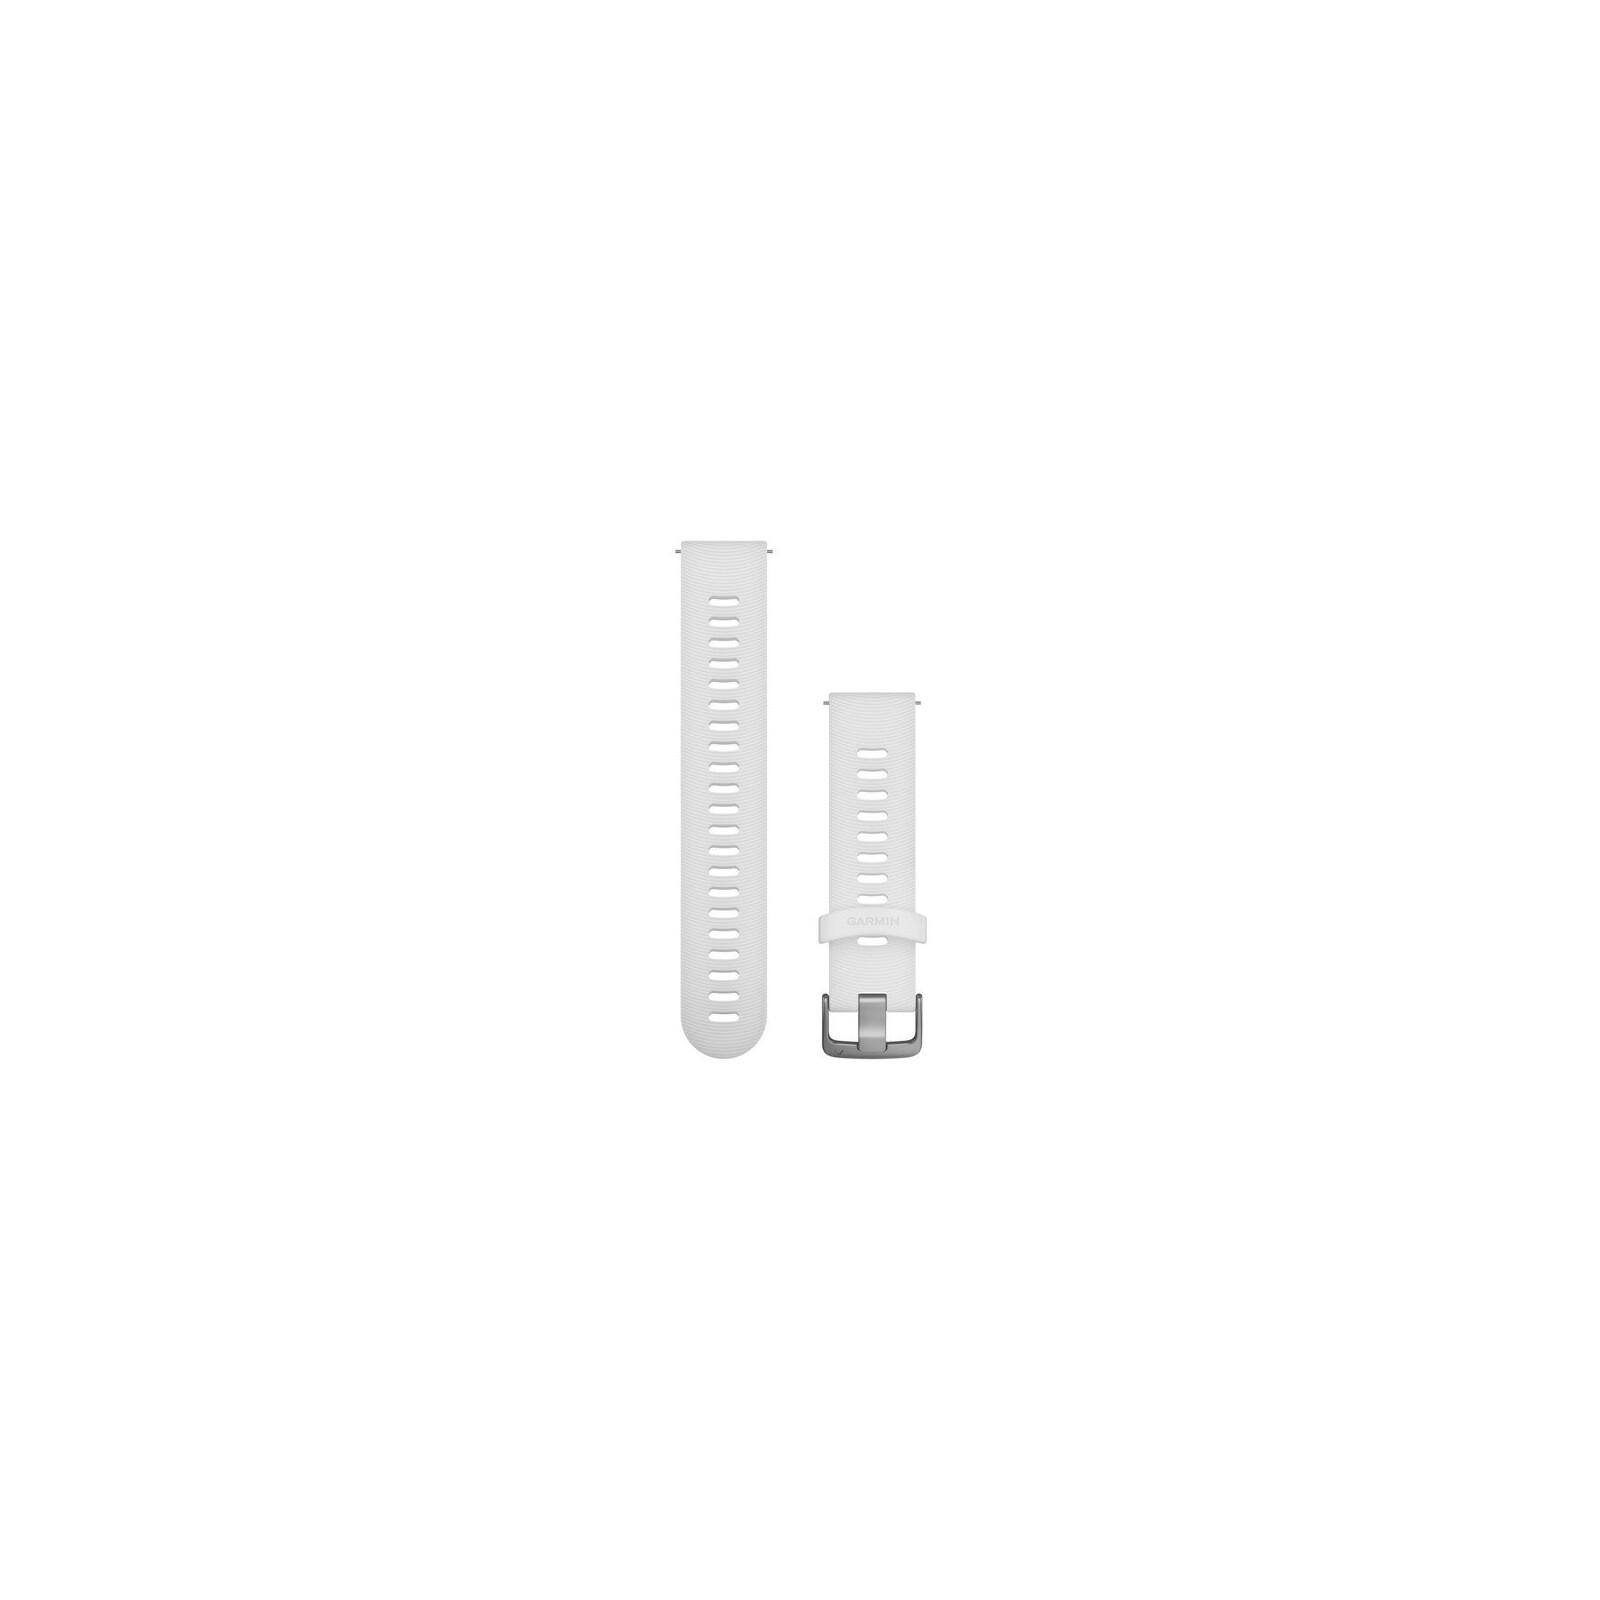 Garmin Uhrenarmband Forerunner 20mm Silikon Weiß